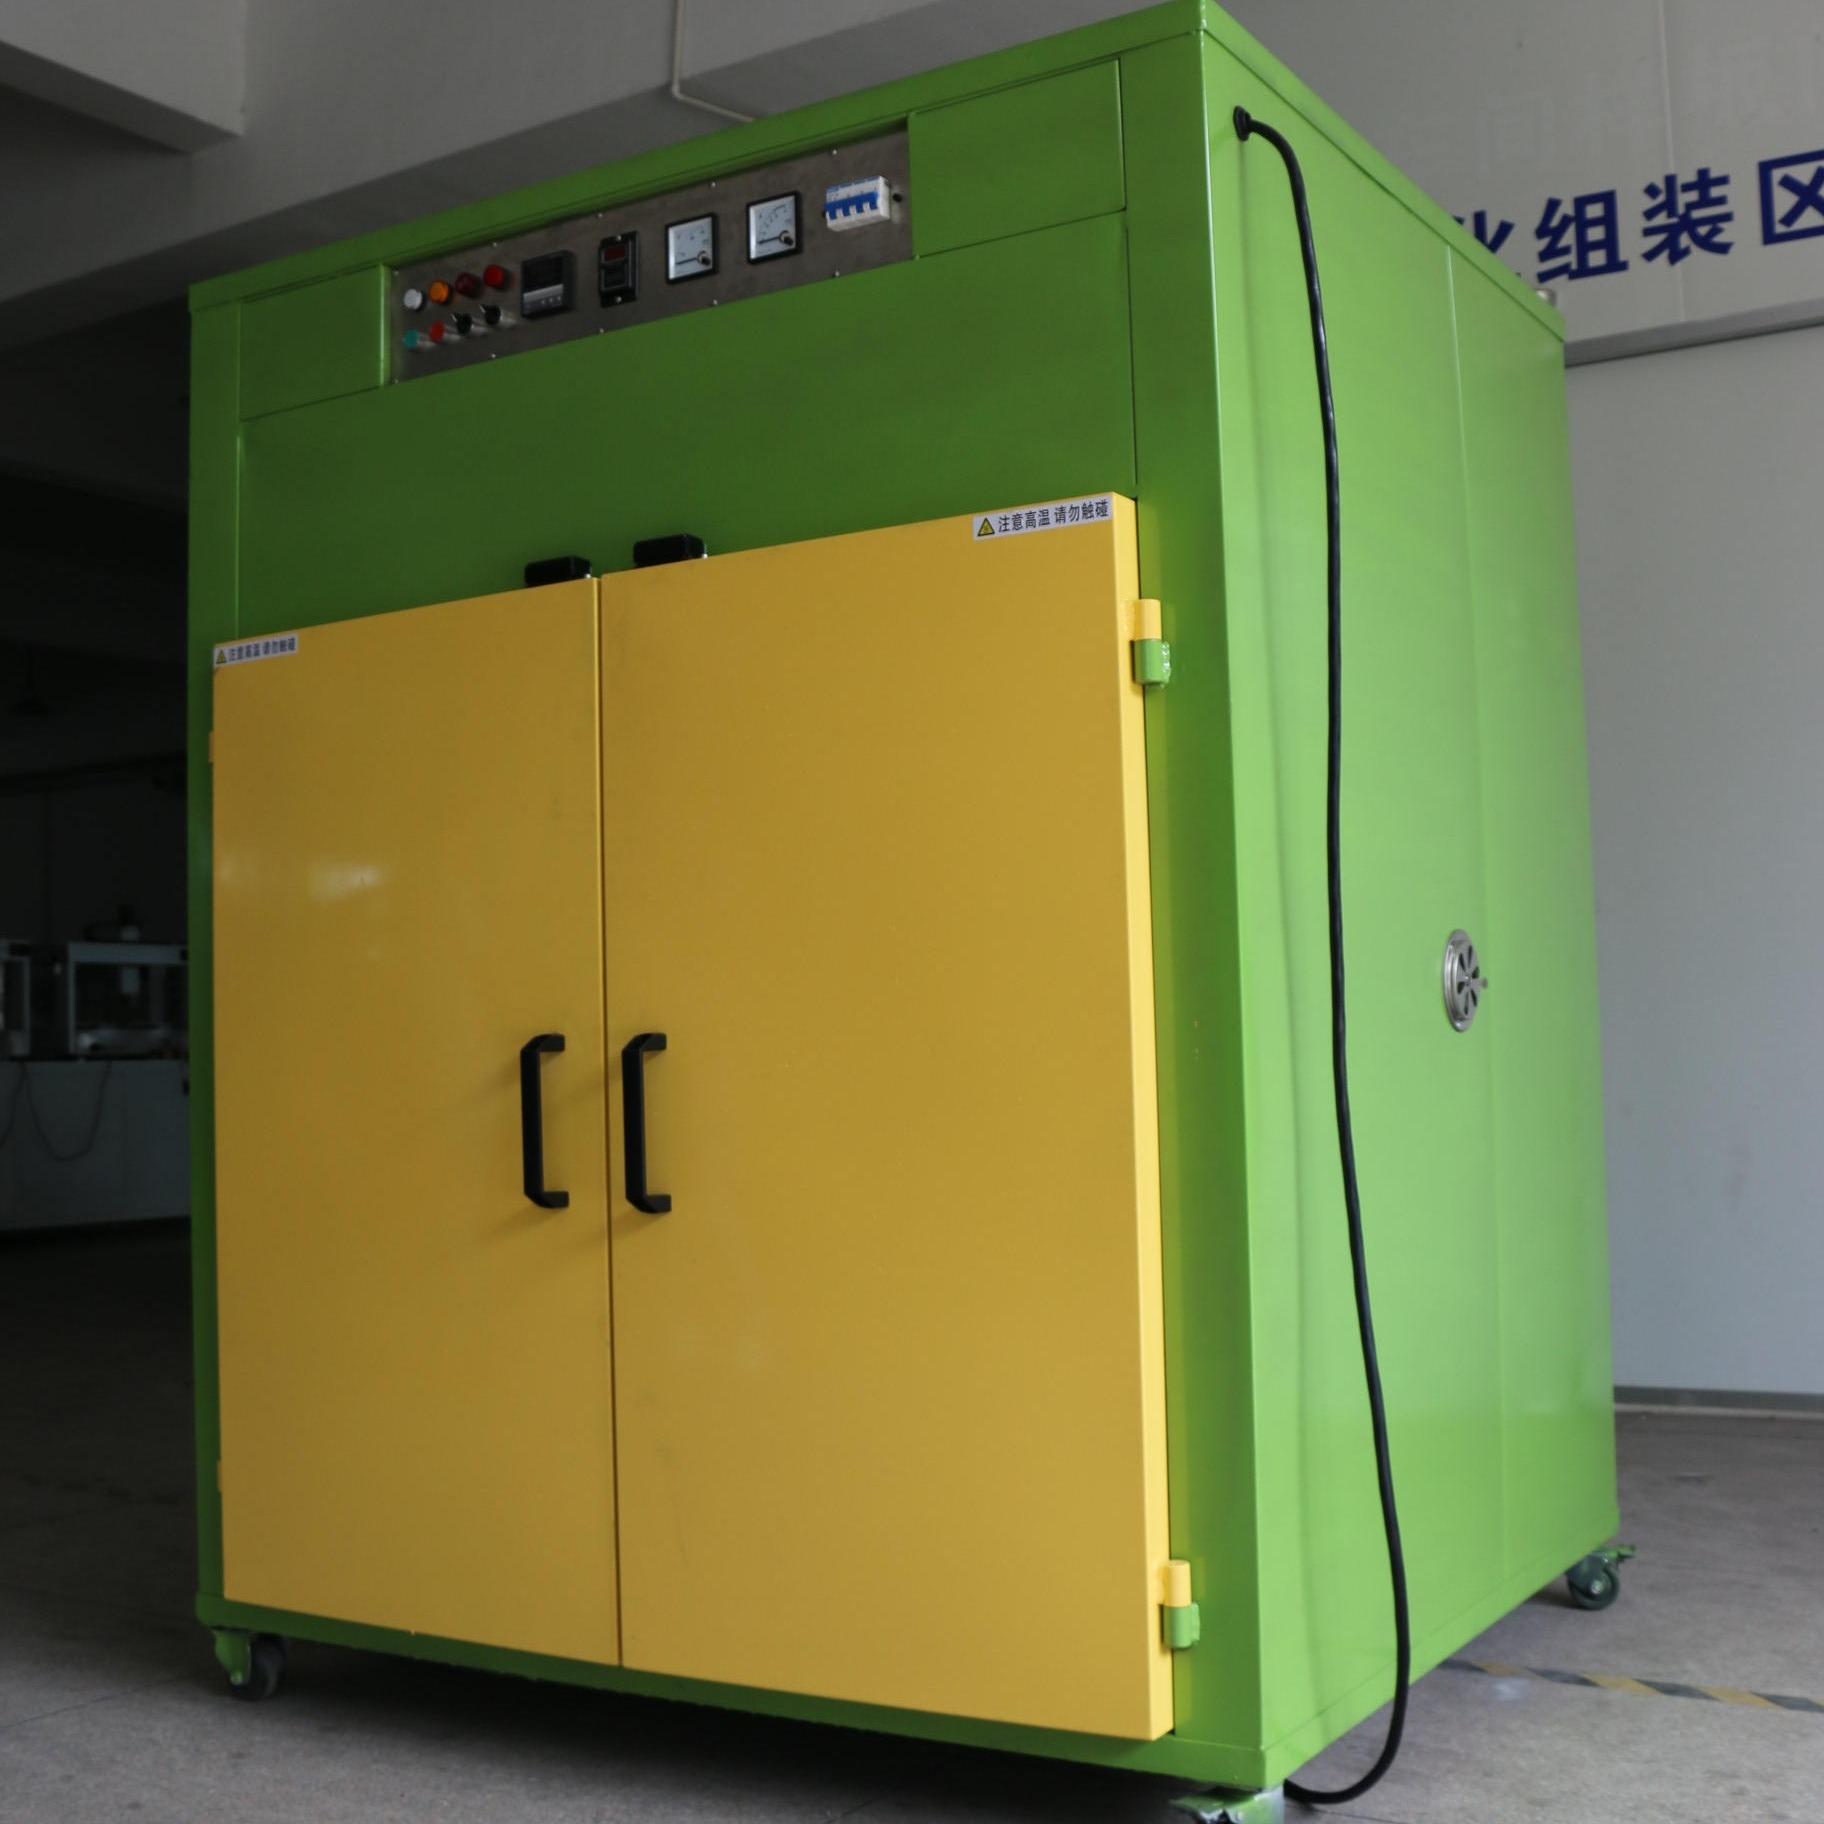 廠家直銷  威鴻   WH-GW-3016 桃膠不銹鋼烘箱